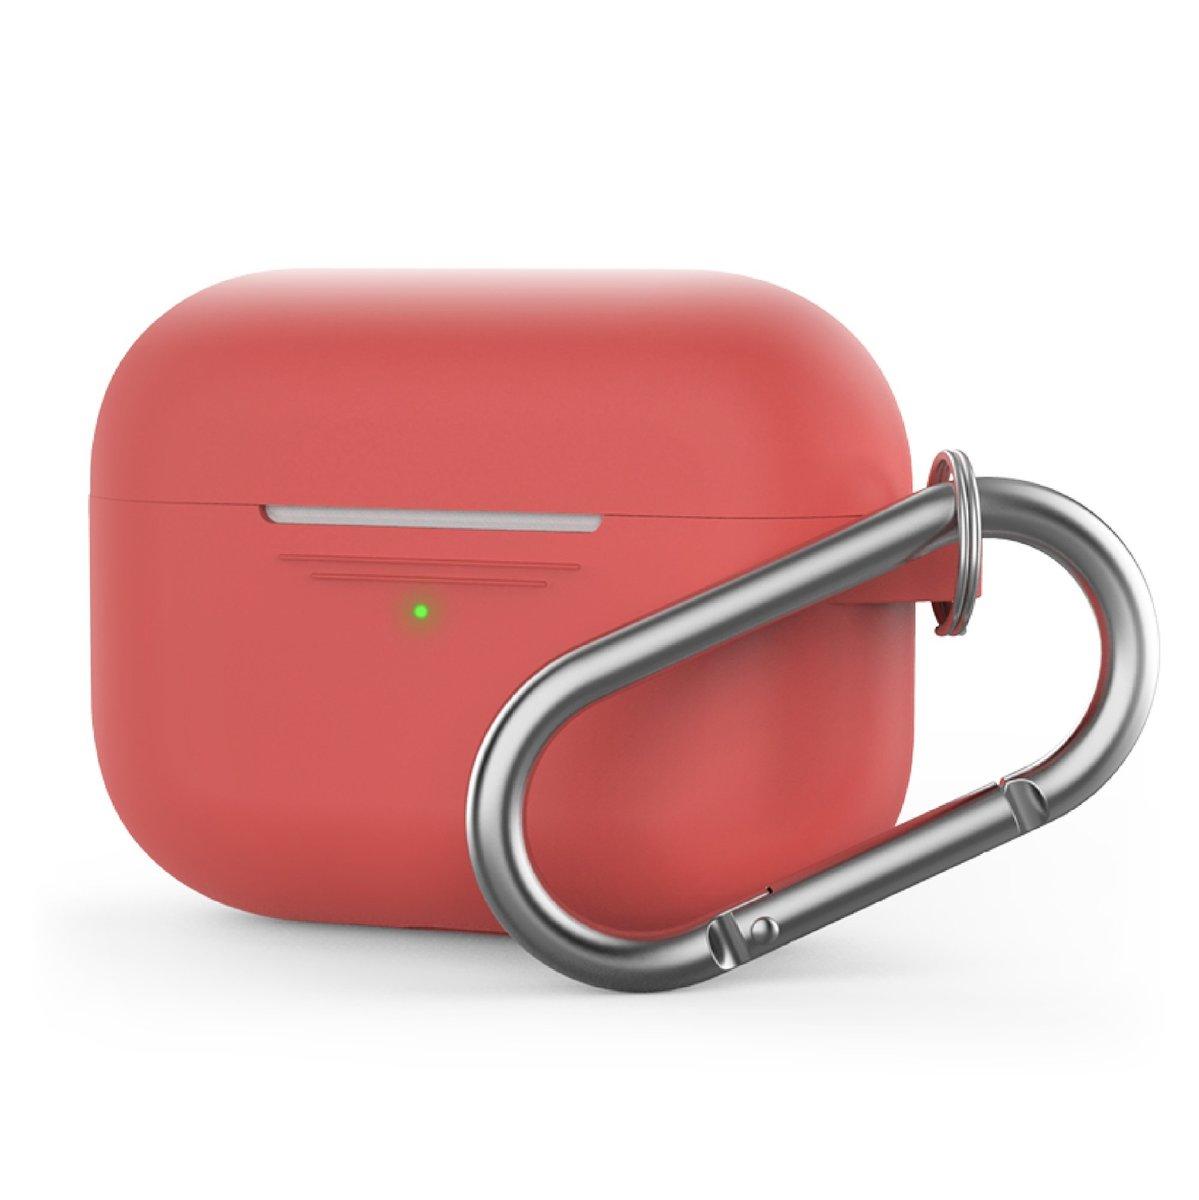 香港行貨 AirPods Pro 1.4mm 超薄矽膠連 掛鉤款保護套 紅色